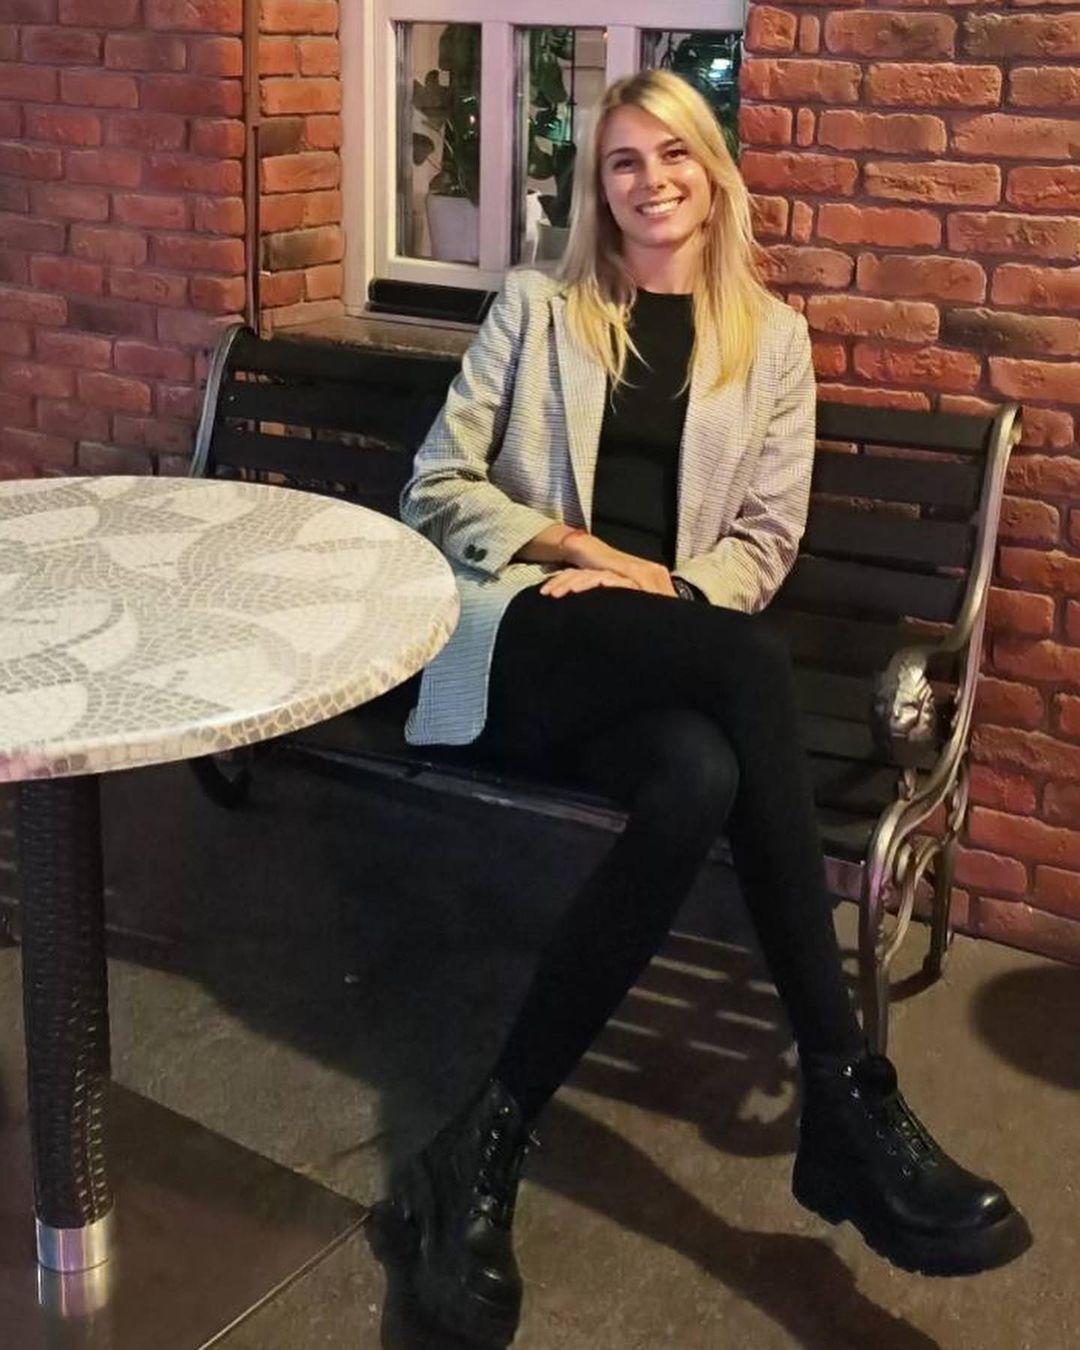 Юлия Левченко в пиджаке и ботинках.